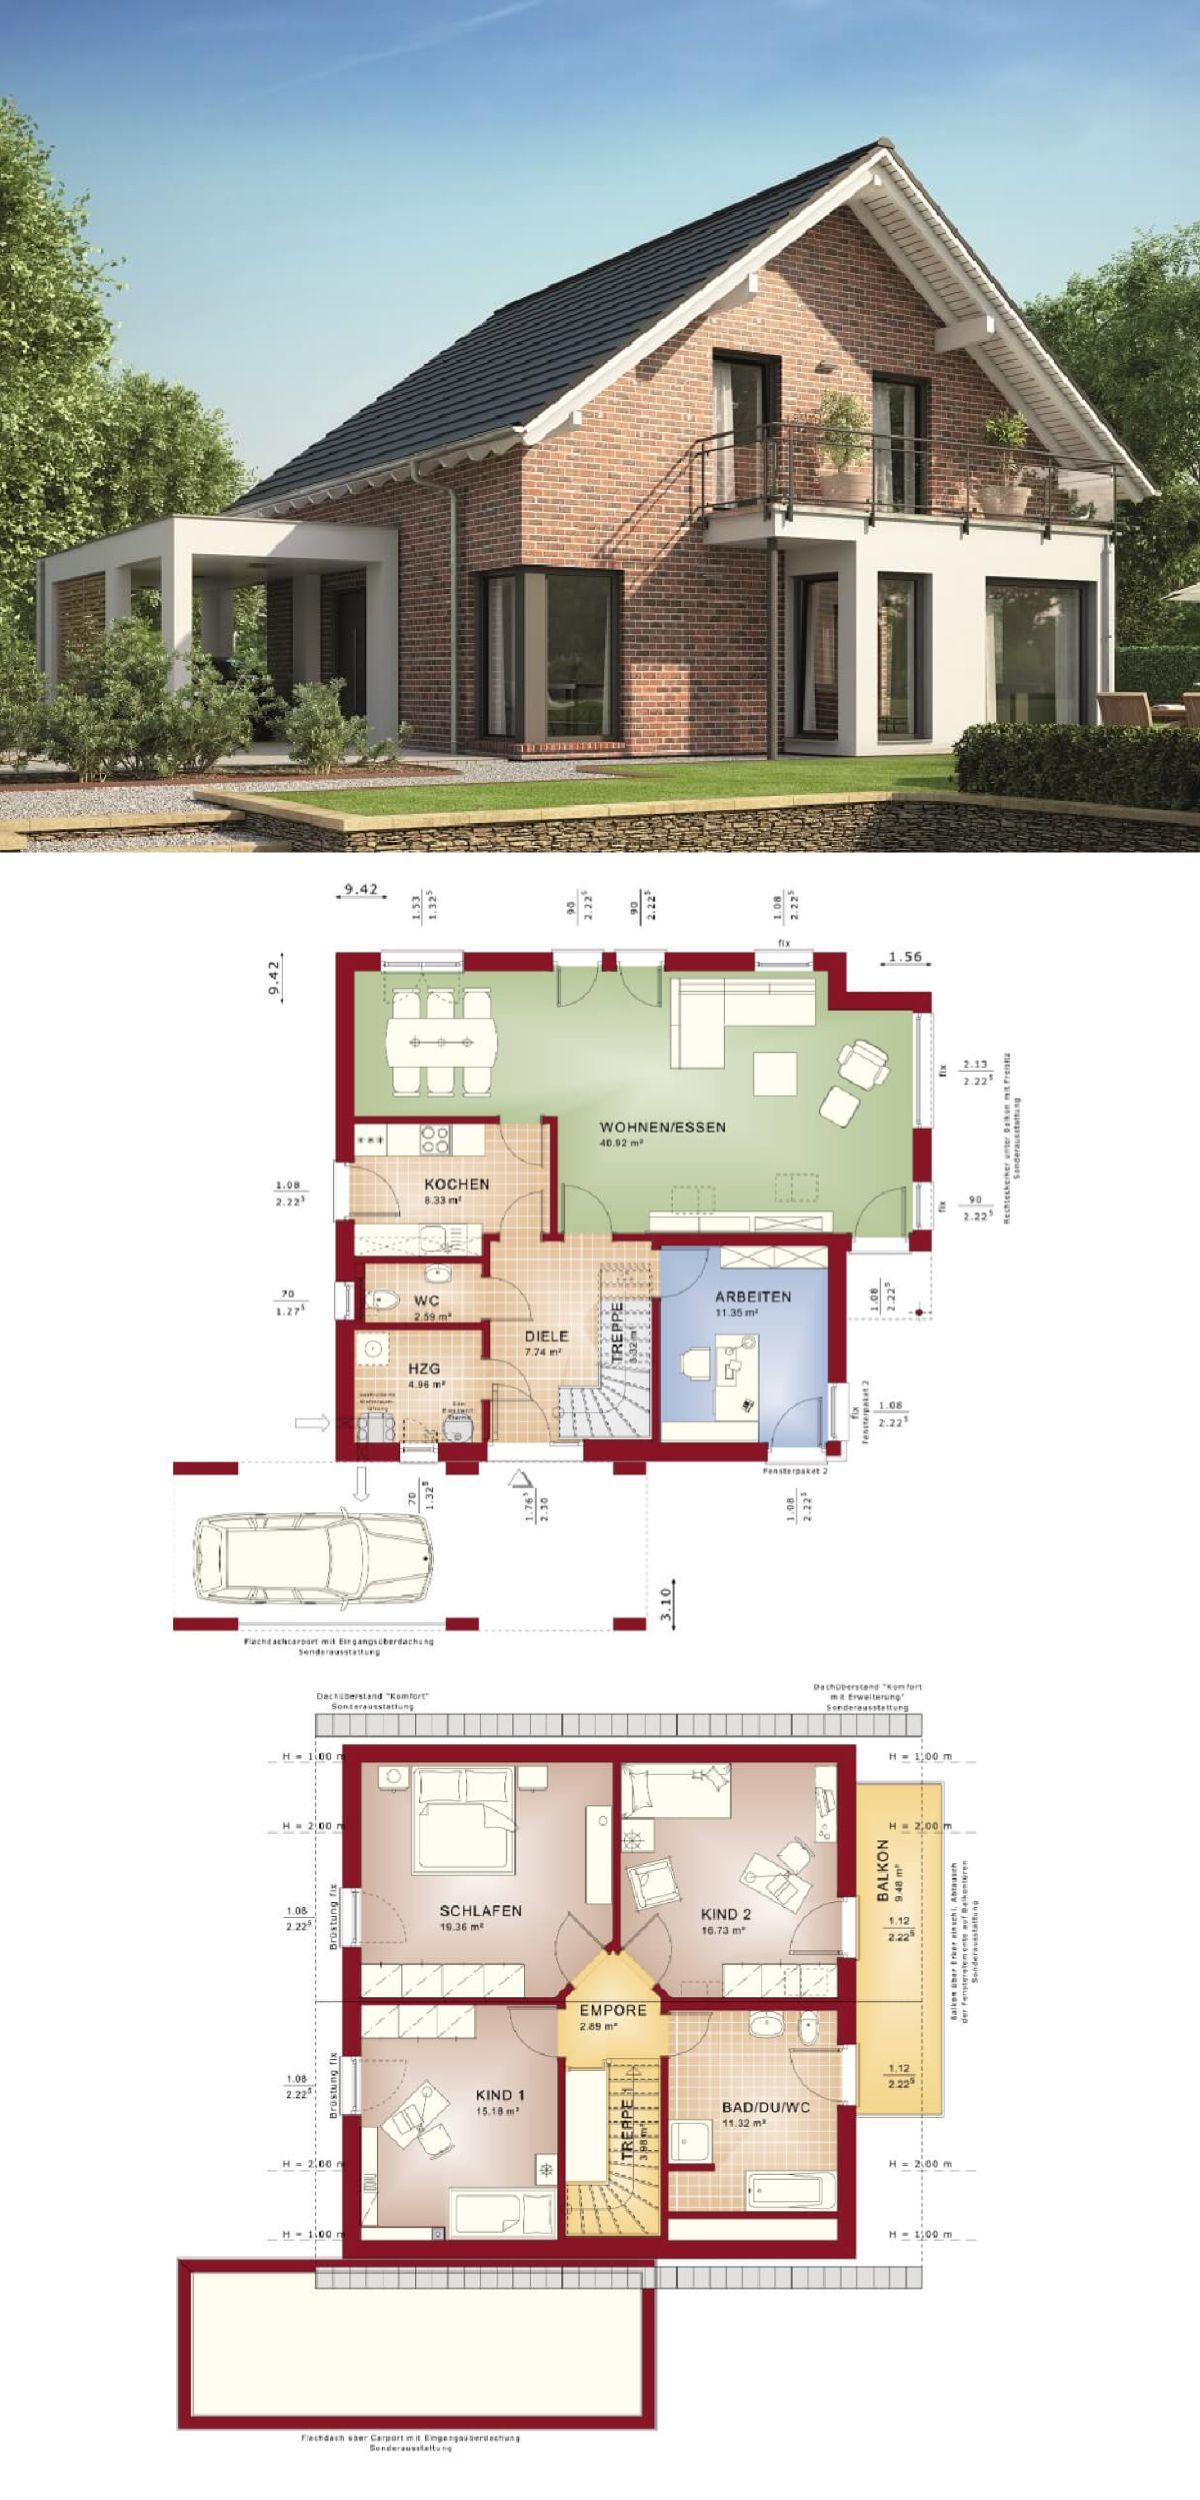 einfamilienhaus mit klinker-fassade satteldach und carport anbau